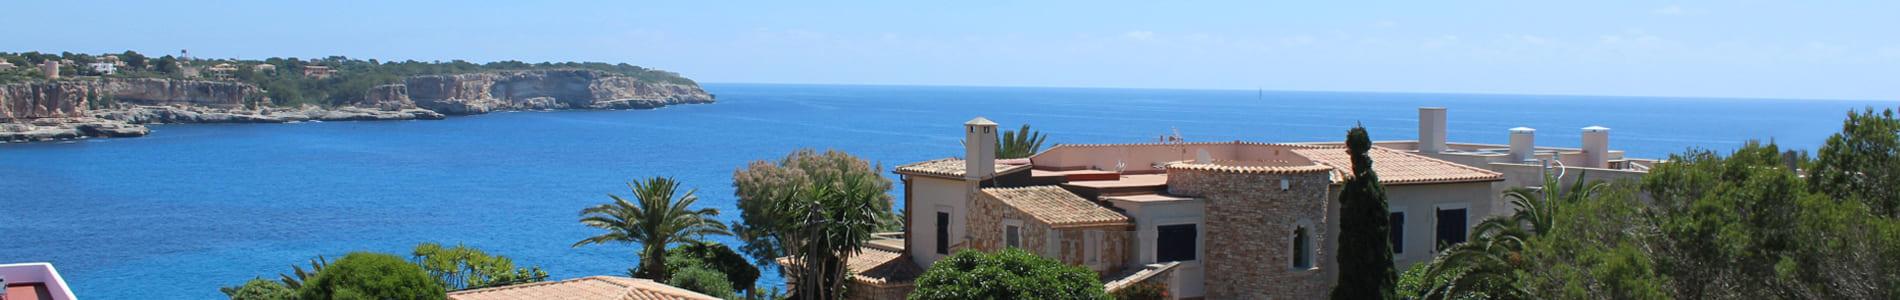 Fotos Ferienvilla Blue Lagoon Mallorca